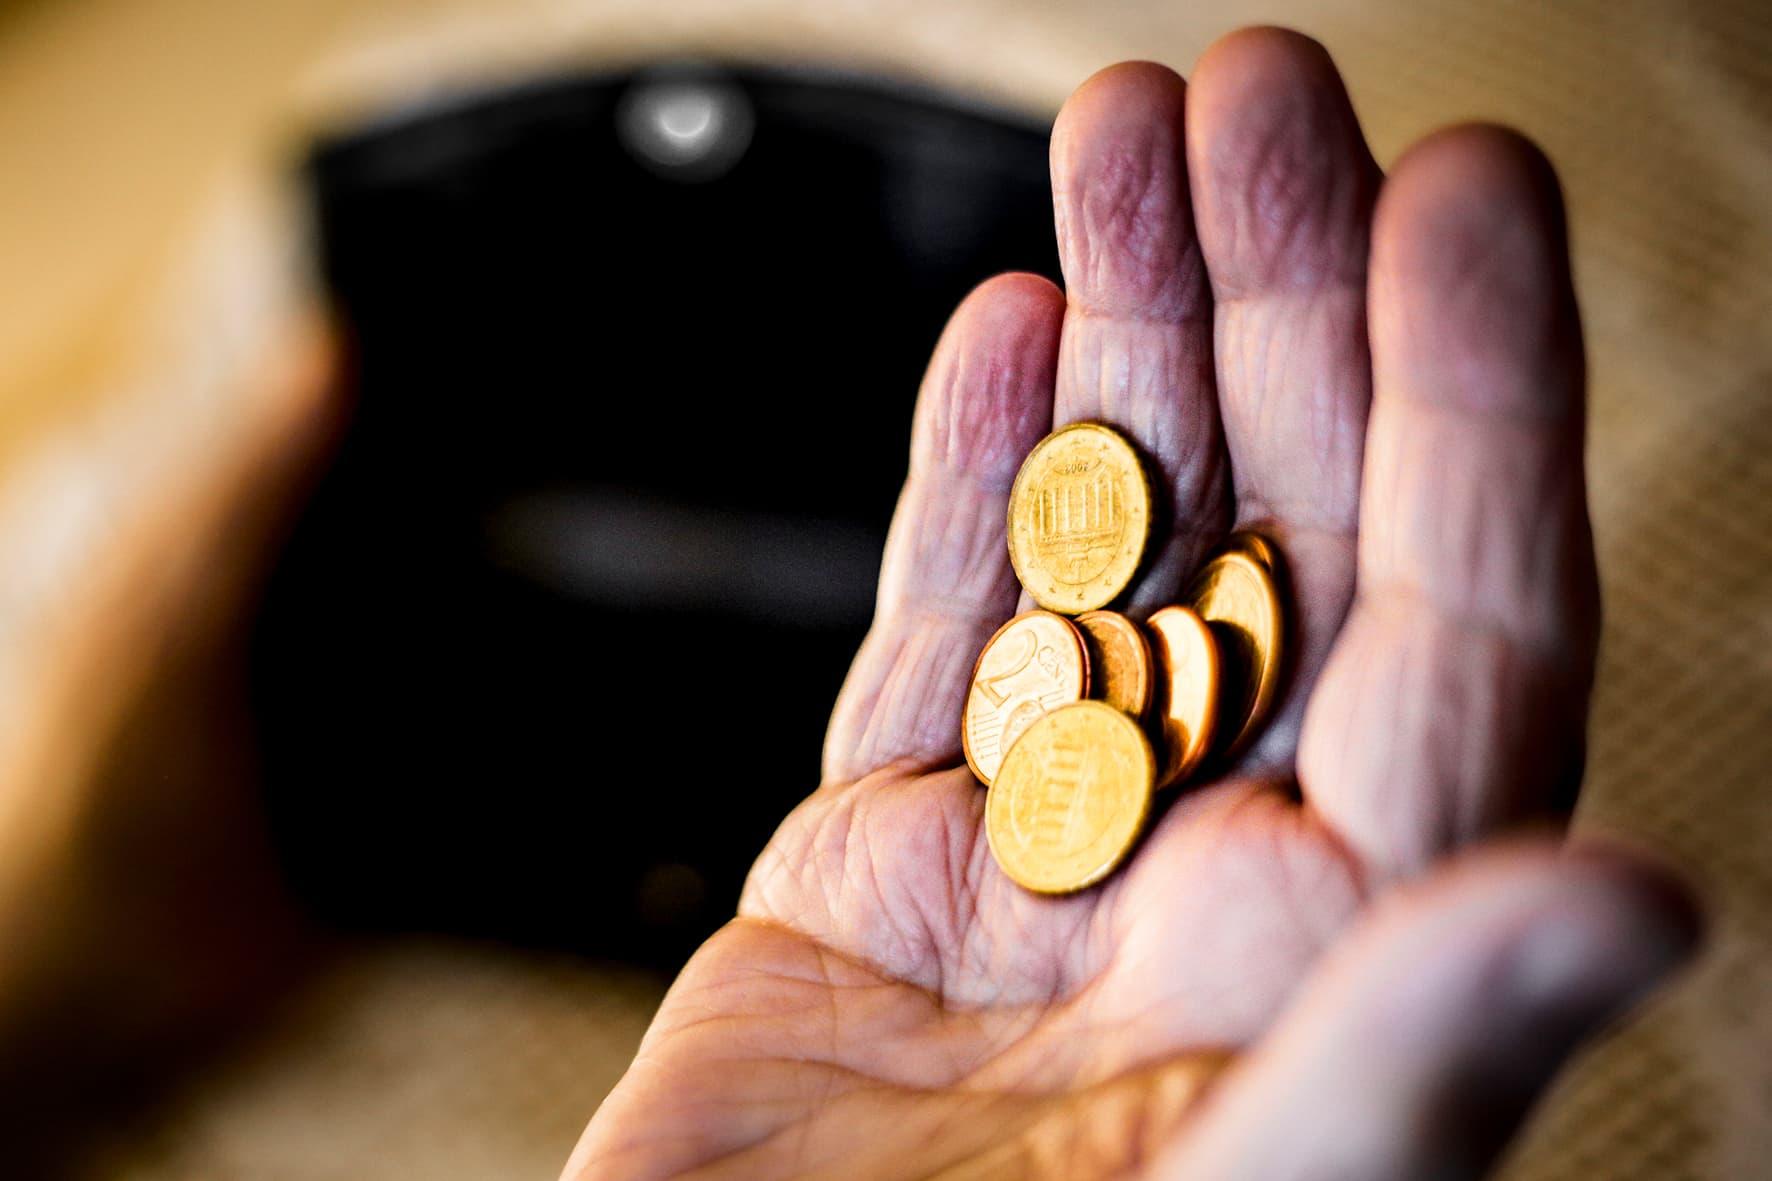 Ein Leben lang arbeiten – und trotzdem reicht die Rente nicht In Stadt und Landkreis Regensburg sind rund 10.500 Vollzeitbeschäftigte selbst nach 45 Arbeitsjahren im Rentenalter von Armut bedroht